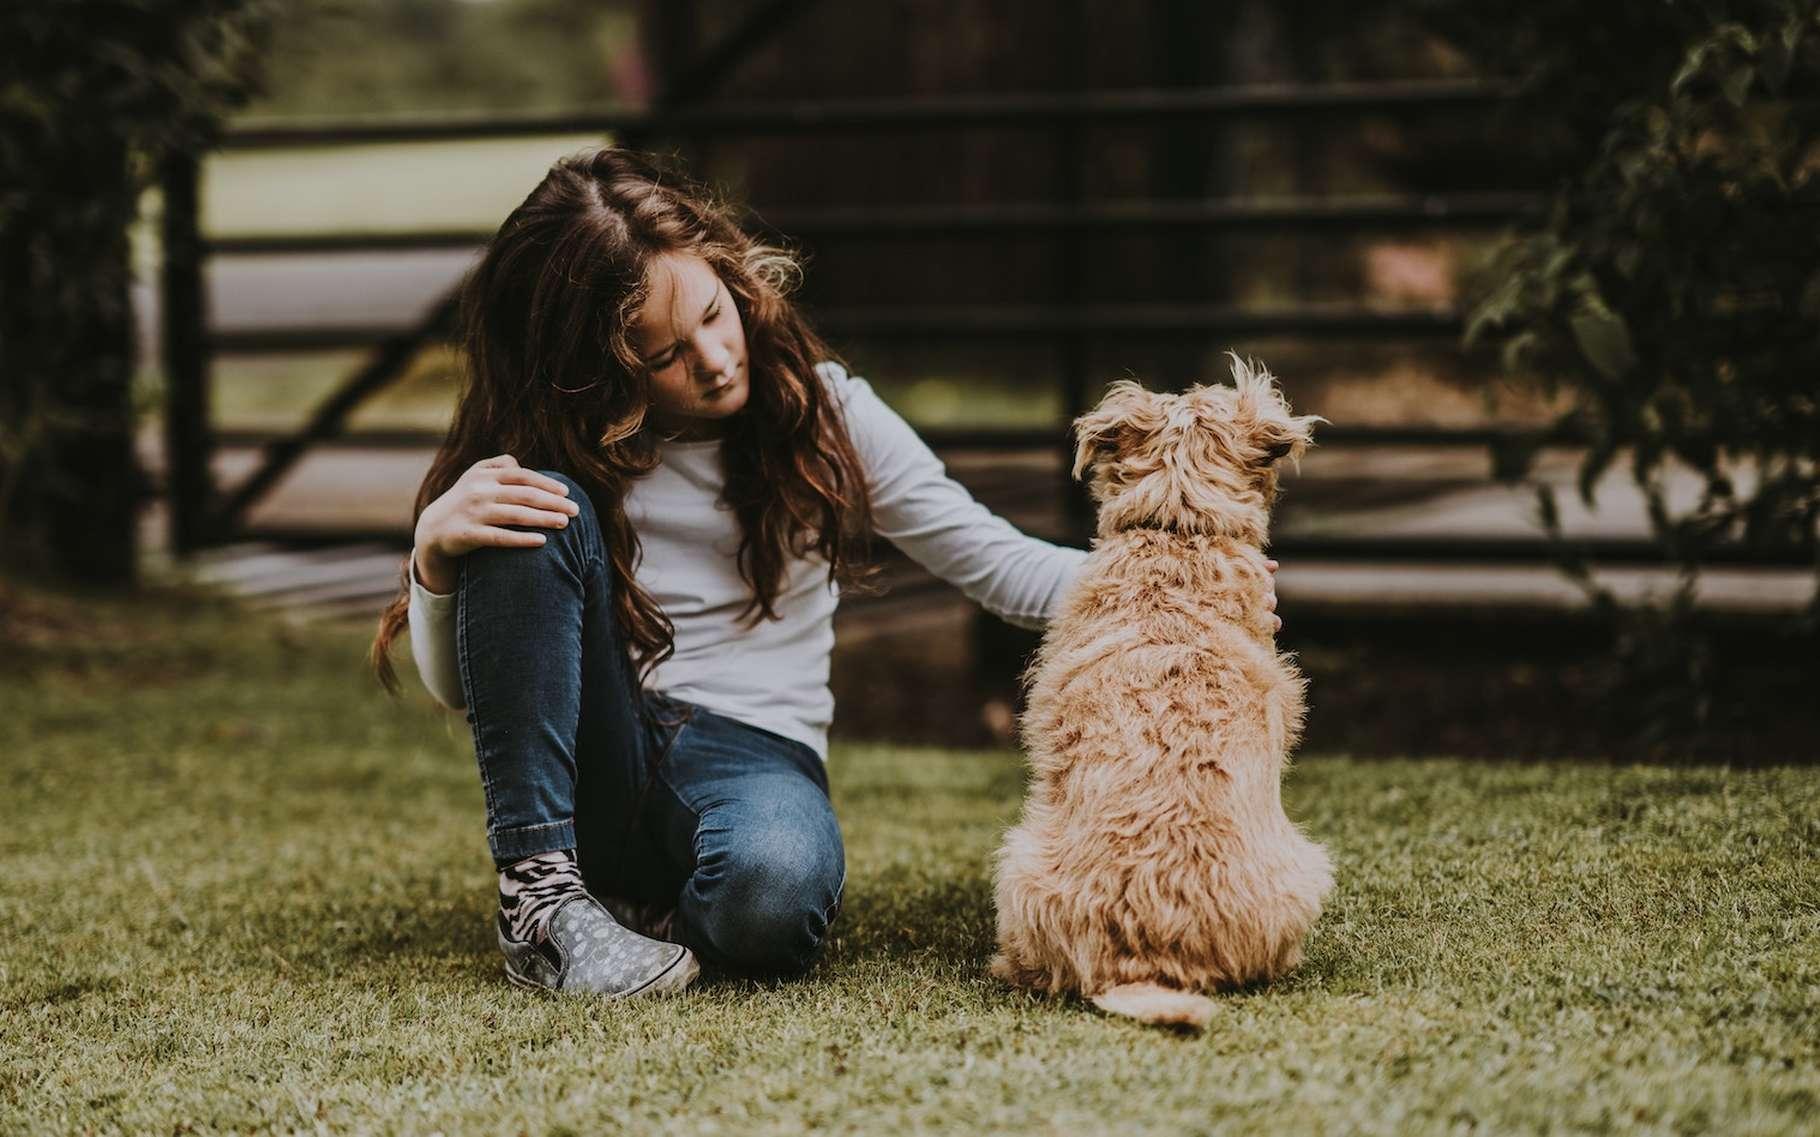 Parmi les objectifs de la Journée mondiale du chien : améliorer les conditions de vie des chiens, partout dans le monde. © Annie Spratt, Unsplash